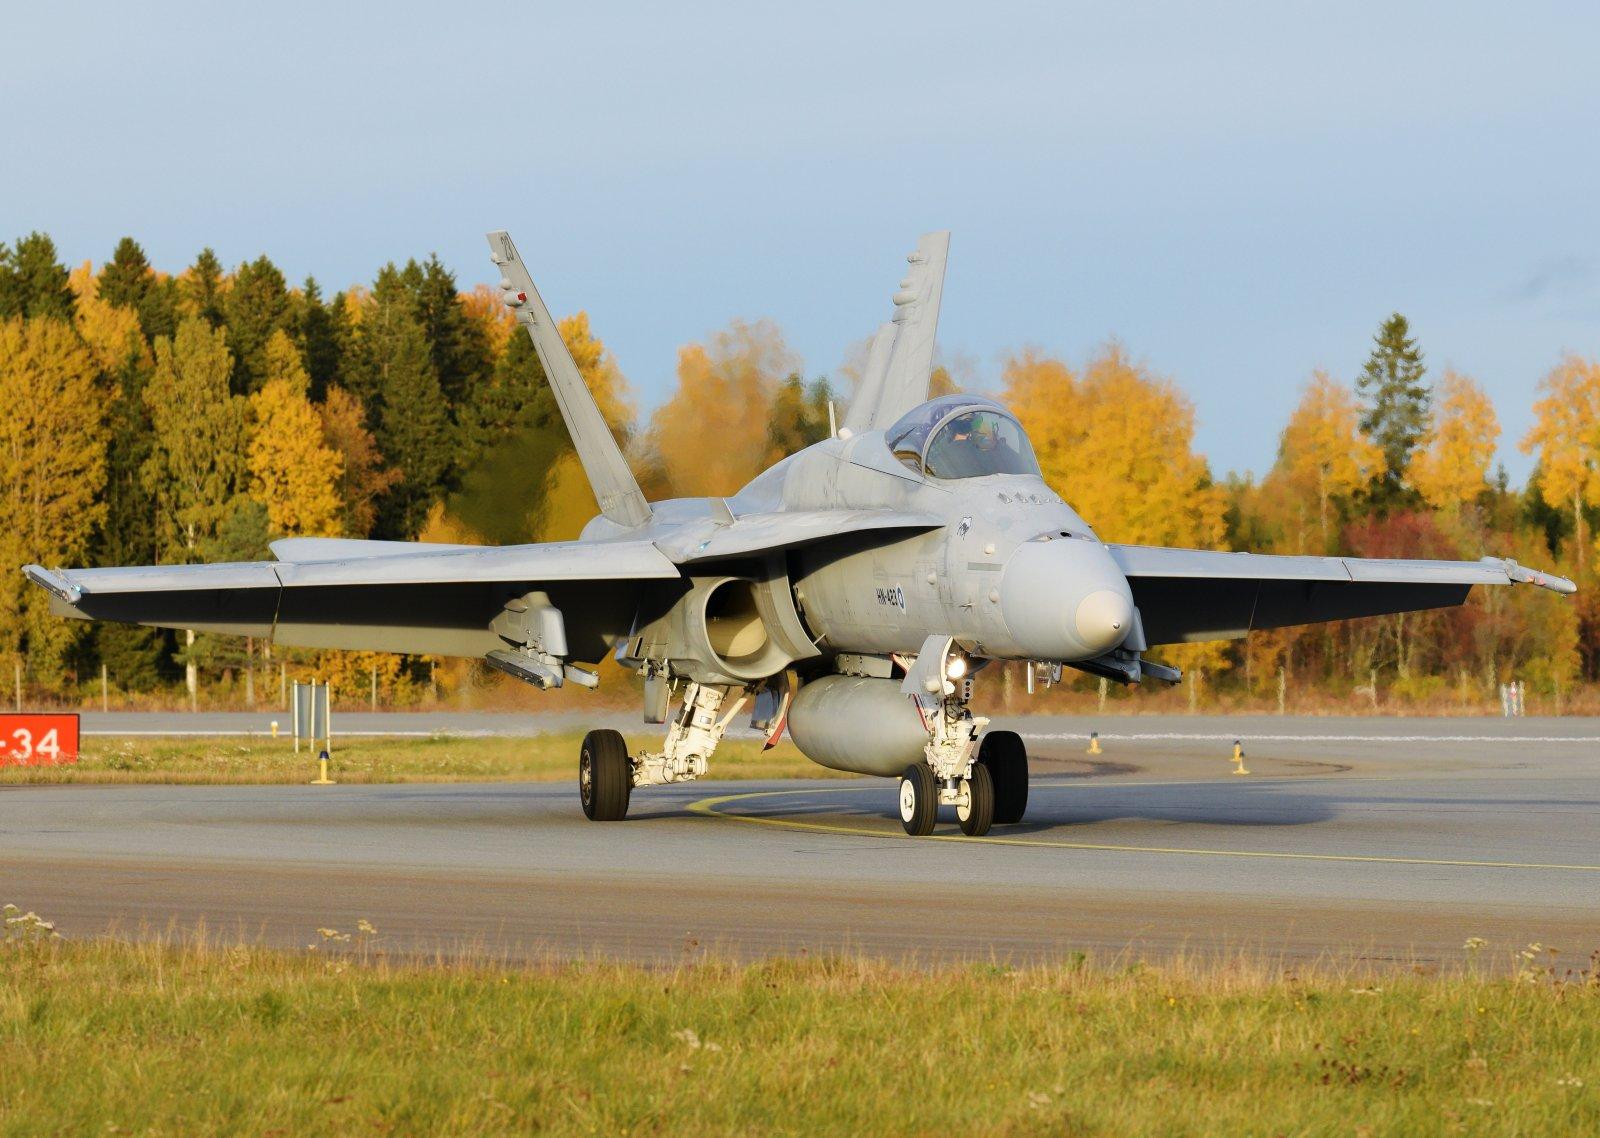 HN-423 - McDonnell Douglas F-18C Hornet - Suomen Ilmavoimat - 6.10.2019